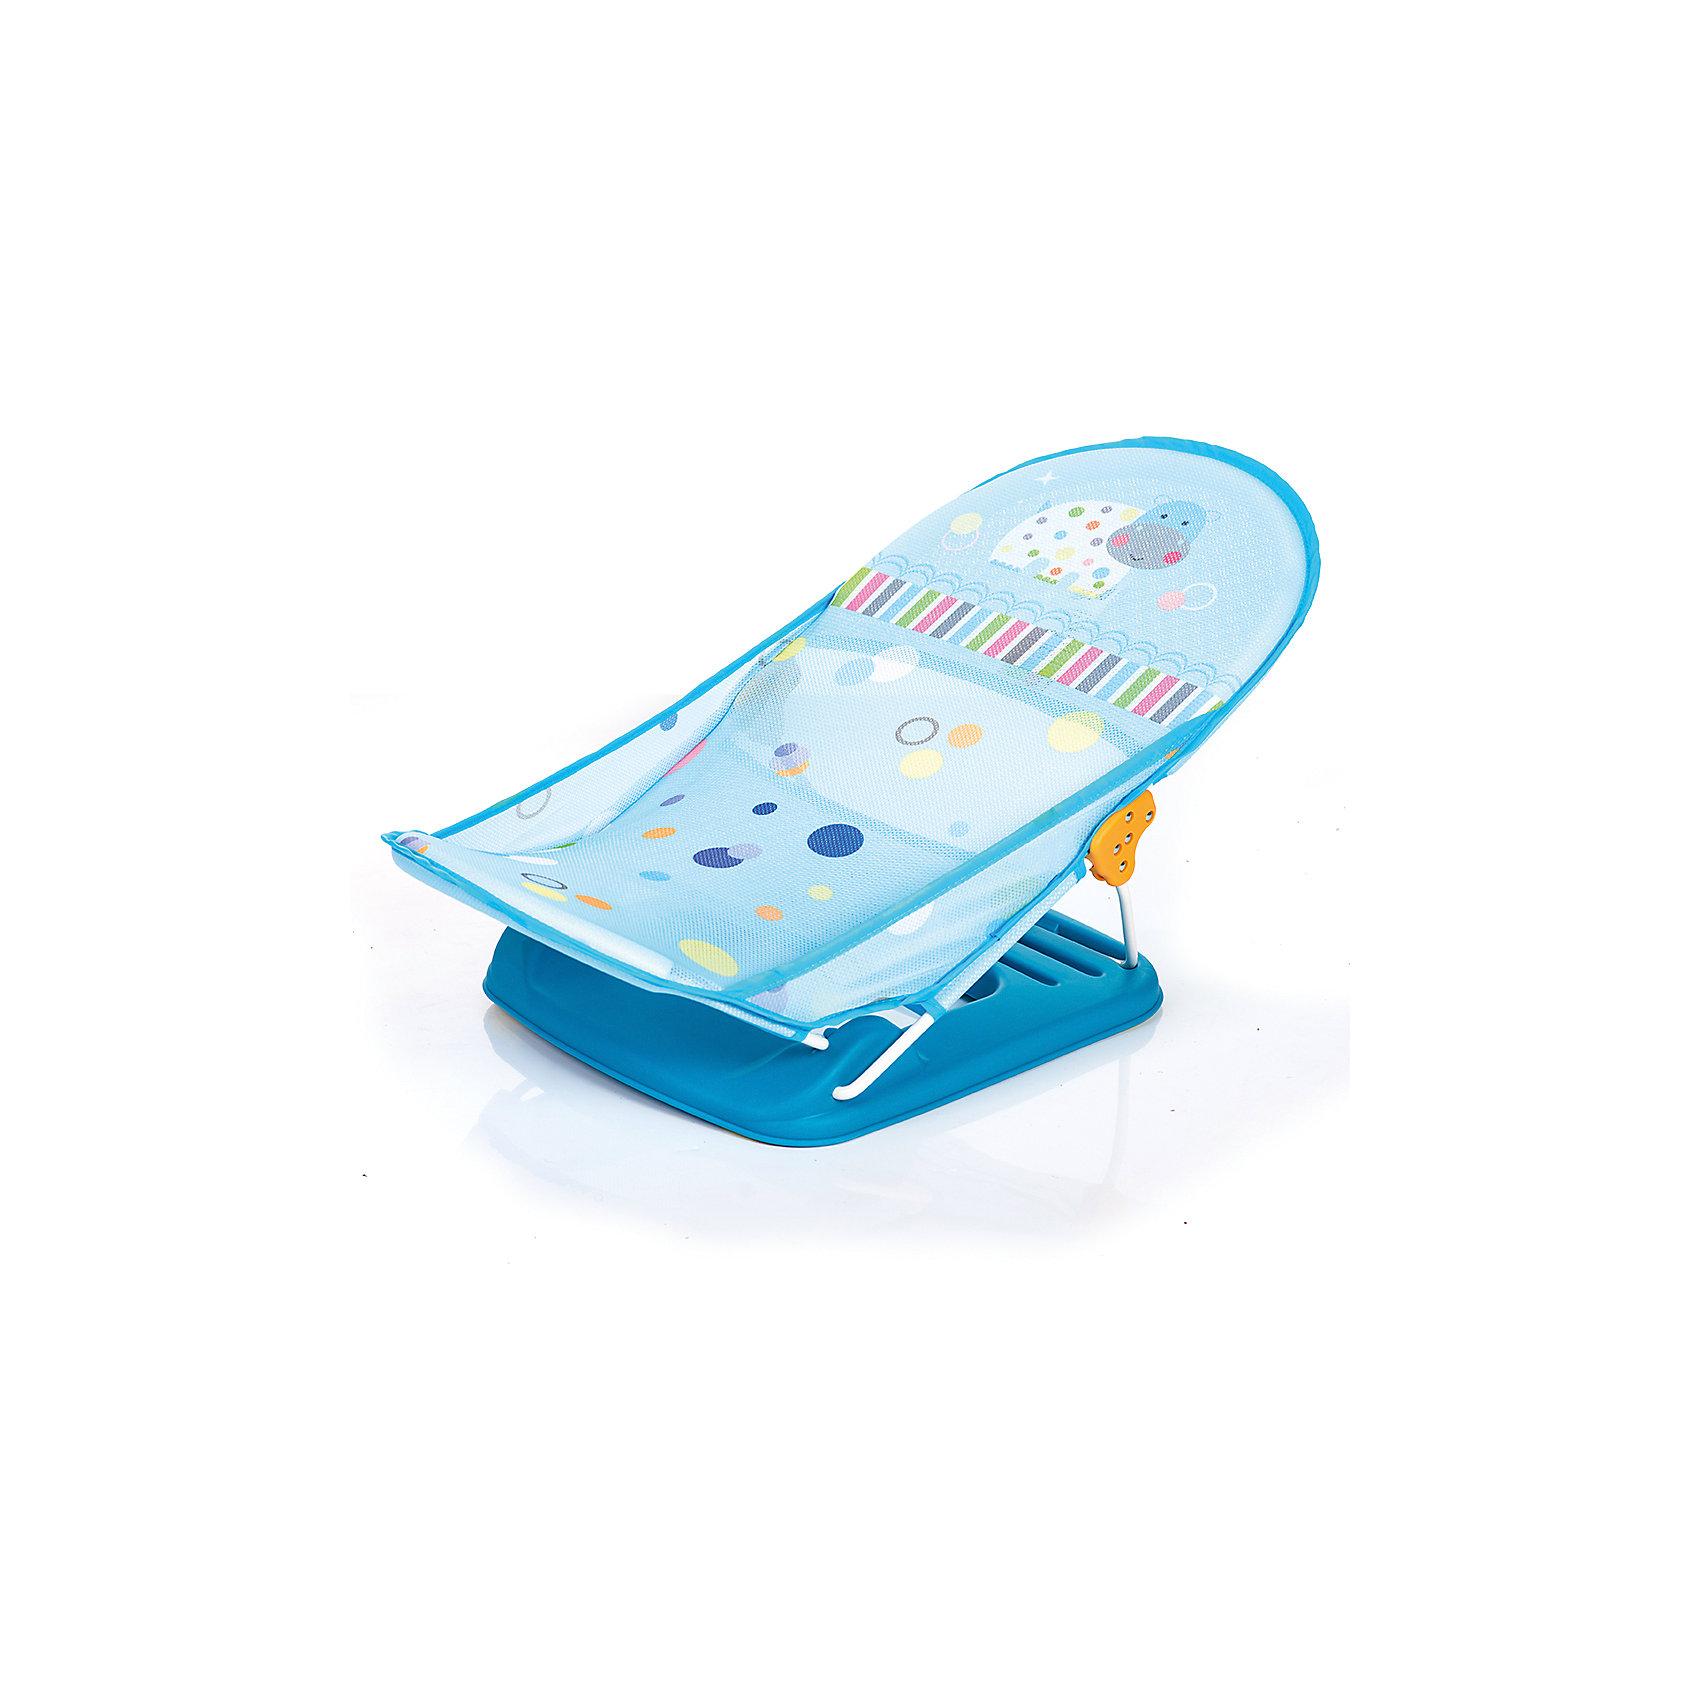 Подставка в ванночку BT-01, Babyhit, КоровкаВанны, горки, сиденья<br>Характеристики:<br><br>• регулируется угол наклона спинки;<br>• материал: пластик;<br>• размер упаковки: 33х7х35 см;<br>• вес в упаковке: 1,485 кг.<br><br>Подставка в ванночку поможет мамочке облегчить процедуру купания ребенка. Регулируемый угол наклона спинки дает возможность подобрать оптимальное положение для ребенка в зависимости от углубления ванночки и возраста ребенка. Для производства аксессуаров для детей используются экологически чистые материалы и краски.<br><br>Подставку в ванночку BT-01, Babyhit, Коровка можно купить в нашем интернет-магазине.<br><br>Ширина мм: 330<br>Глубина мм: 350<br>Высота мм: 70<br>Вес г: 1485<br>Возраст от месяцев: 0<br>Возраст до месяцев: 6<br>Пол: Мужской<br>Возраст: Детский<br>SKU: 5500329